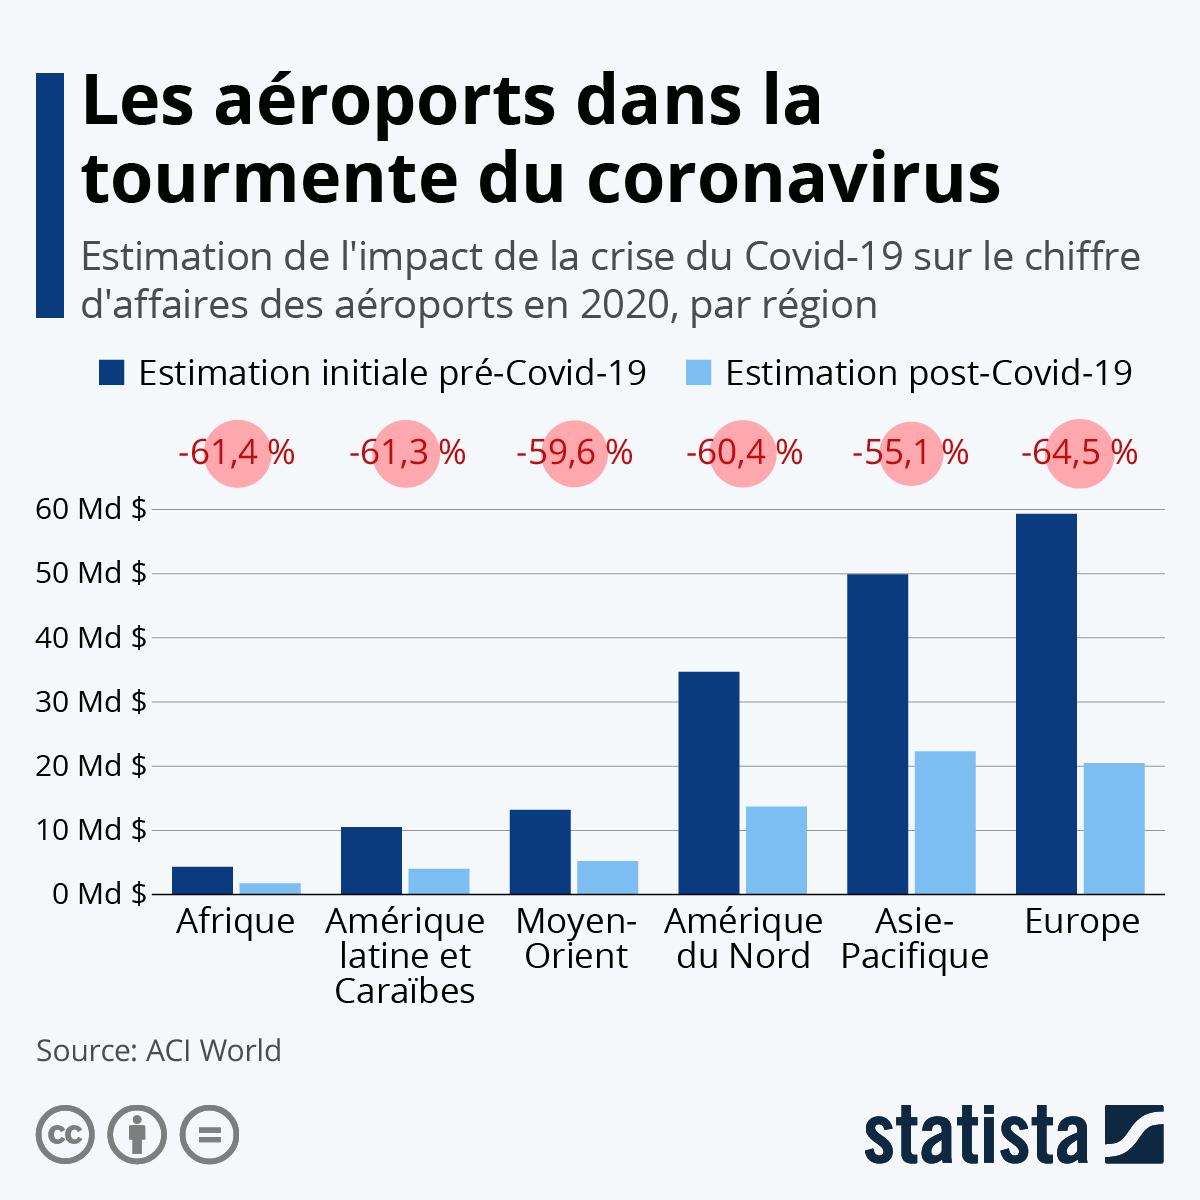 Infographie: Les aéroports dans la tourmente | Statista